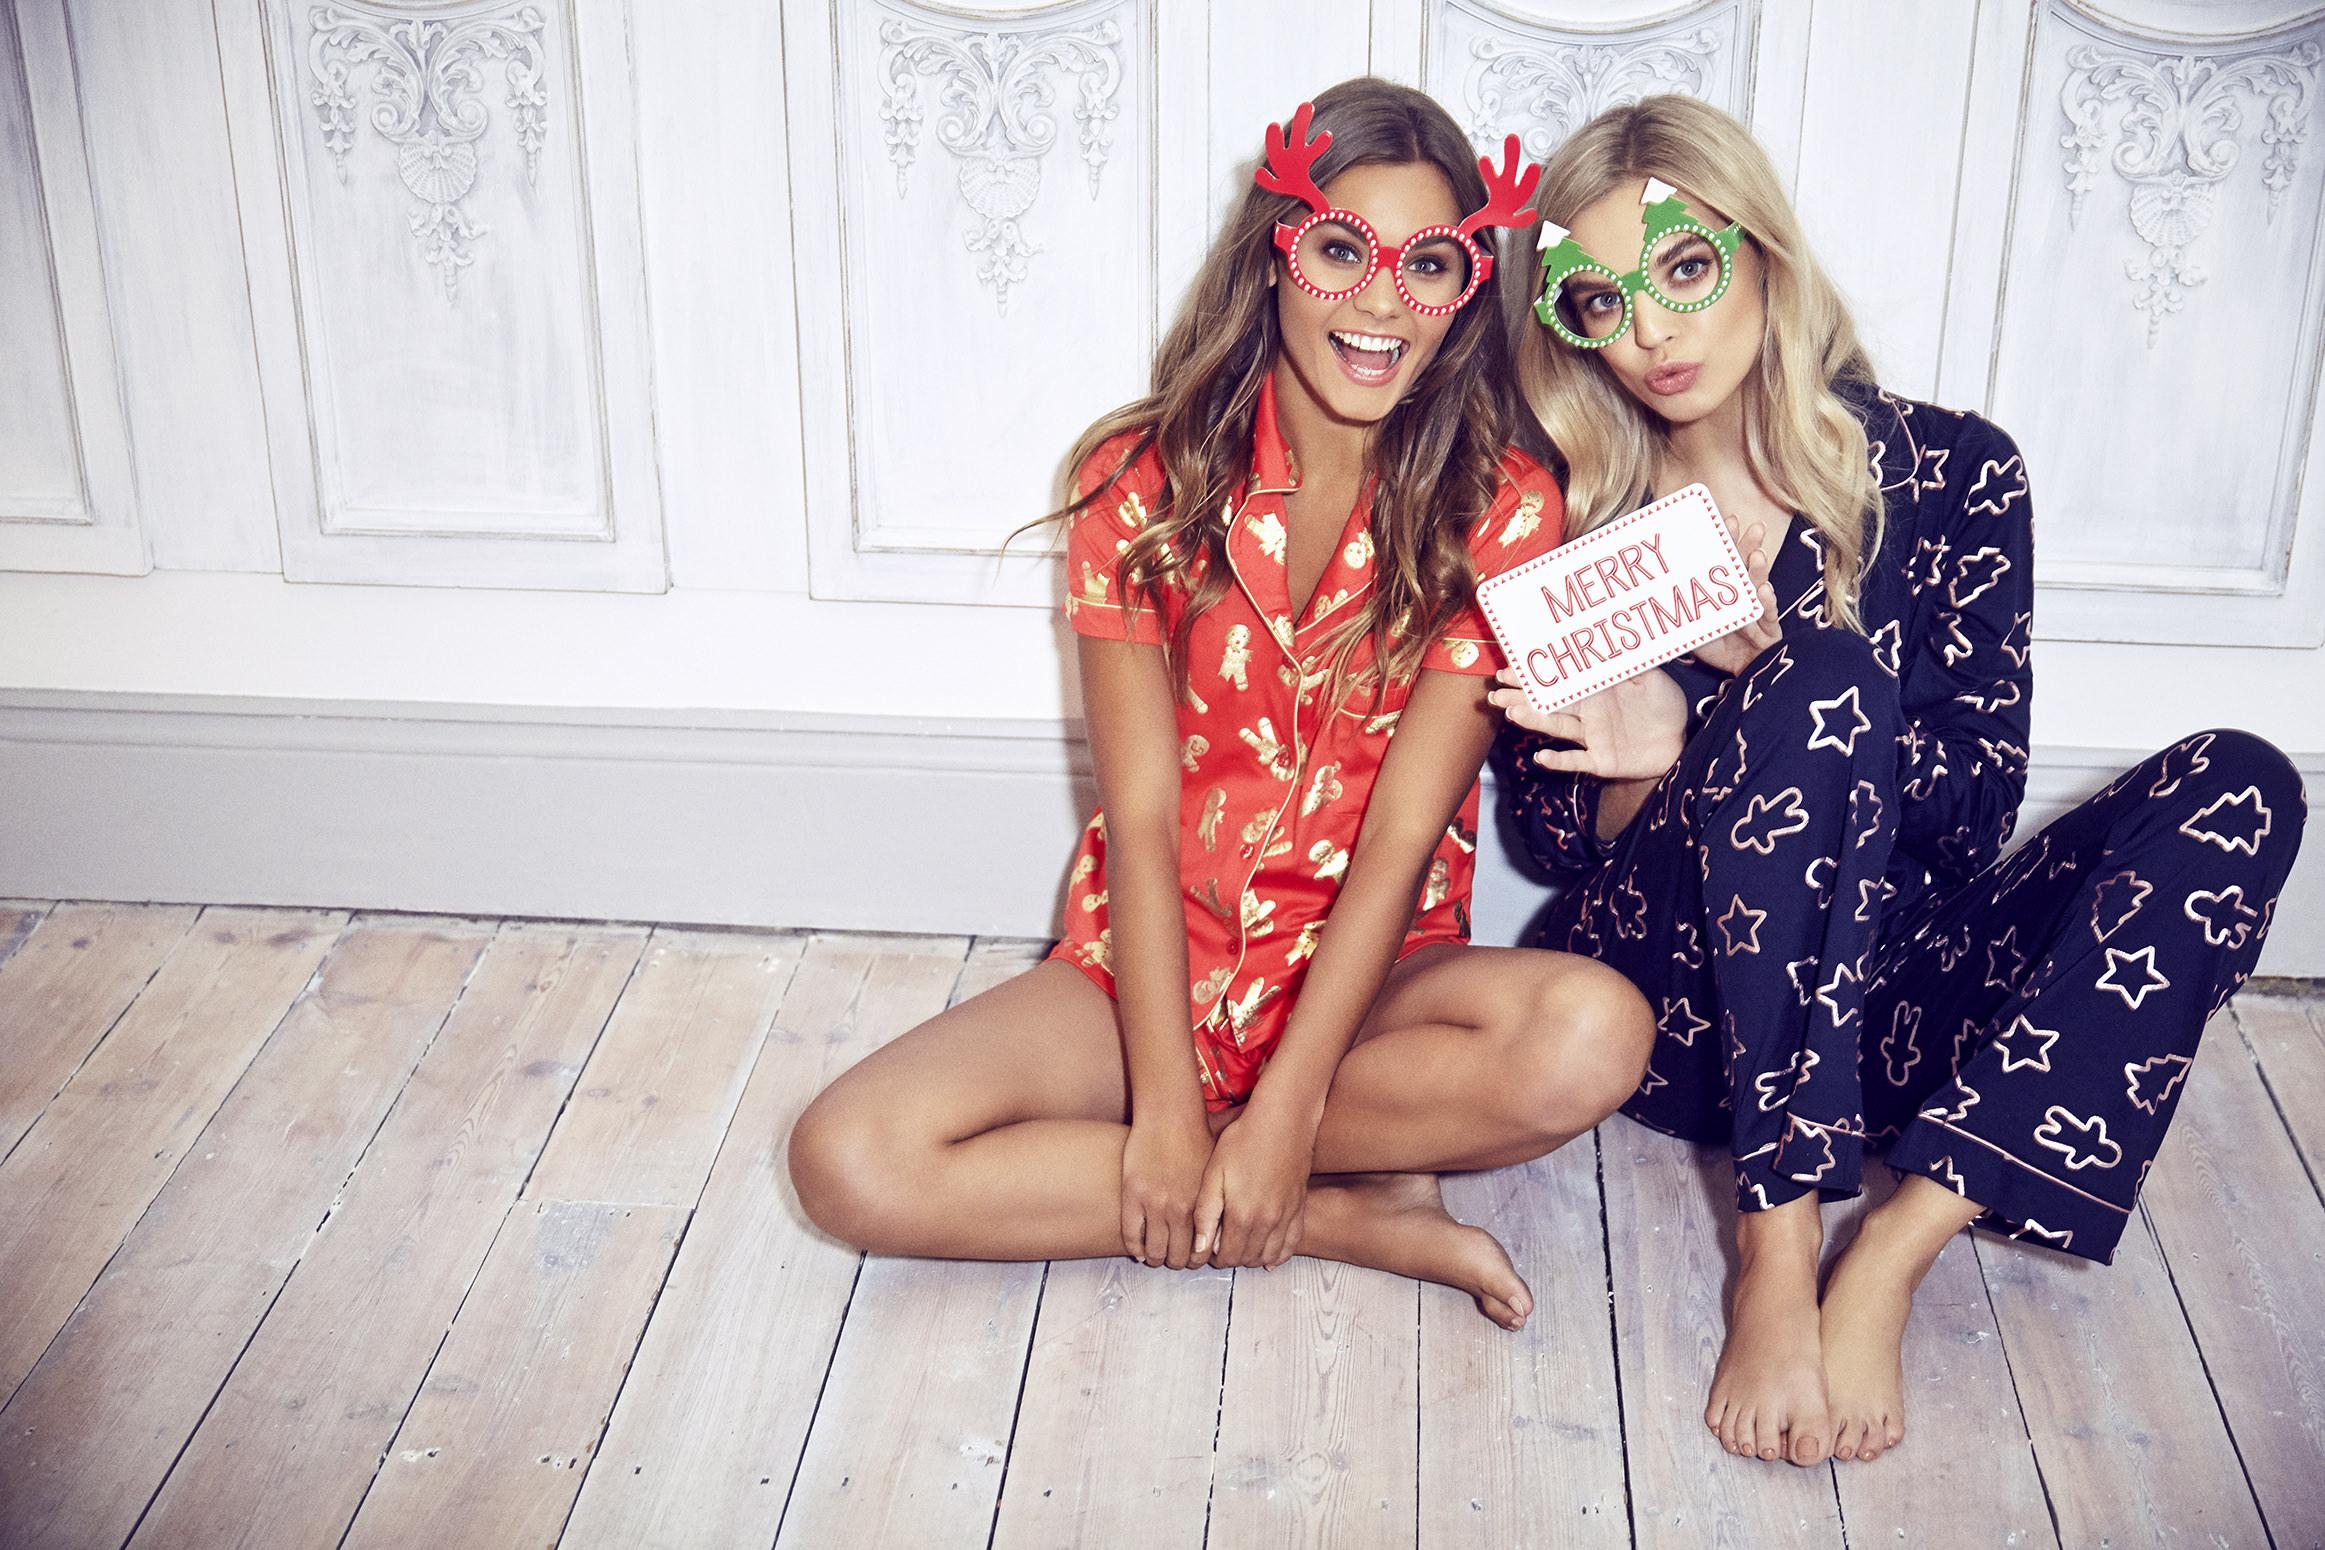 pyjama-campaign-fun-girls-teen-tween-nightwear-lingerie-london-cute-christmas-xmas-2.jpg